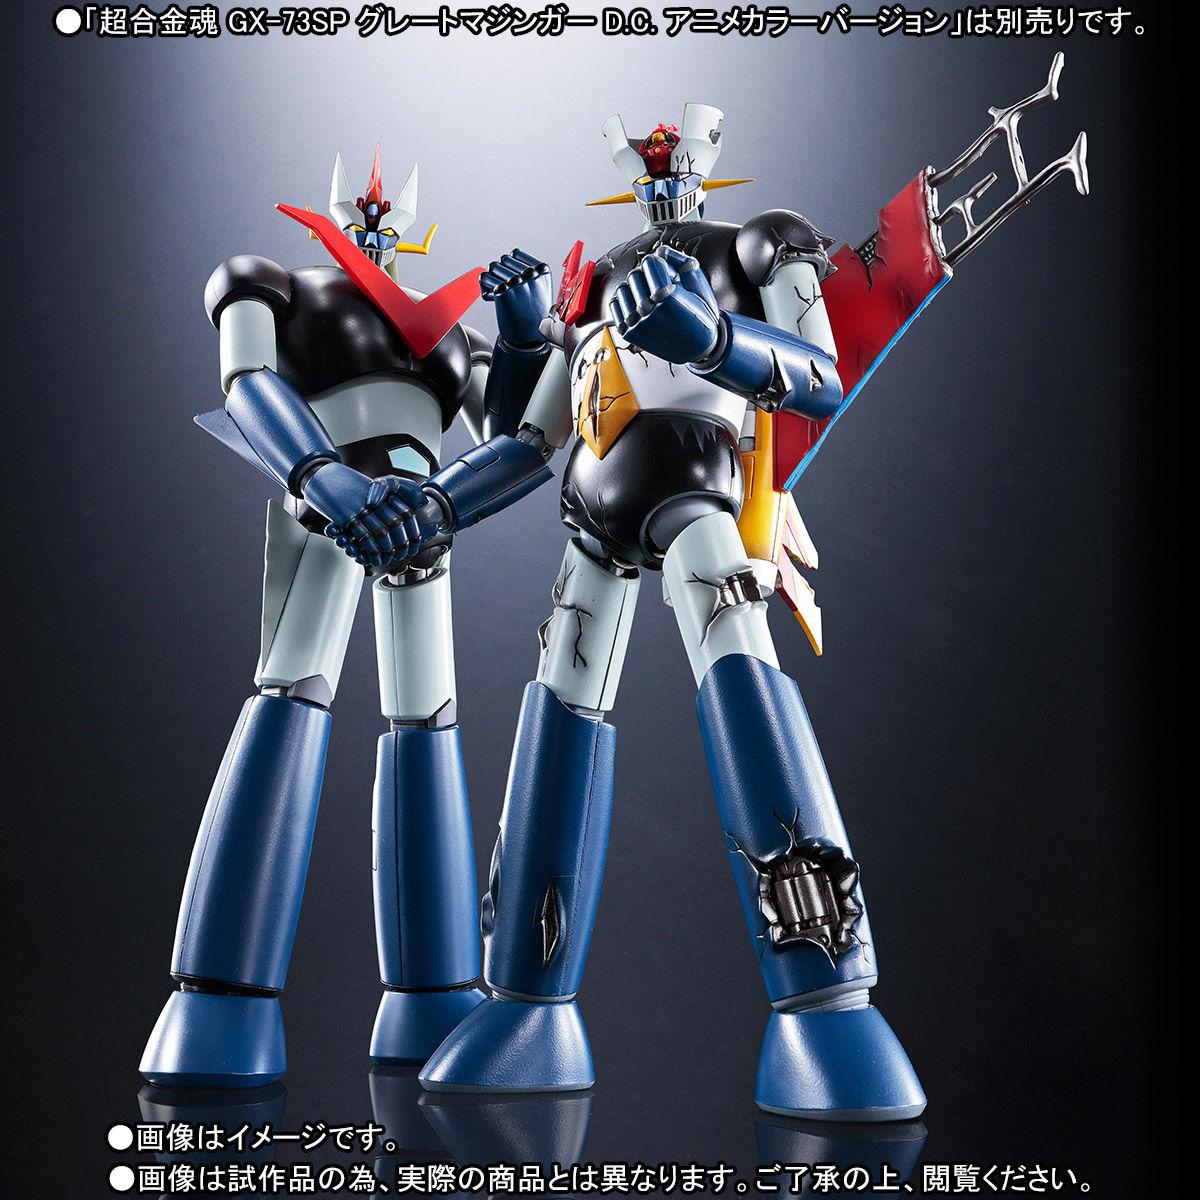 超合金魂 GX-70SPD『マジンガーZ D.C.ダメージver. アニメカラー』可動フィギュア-004